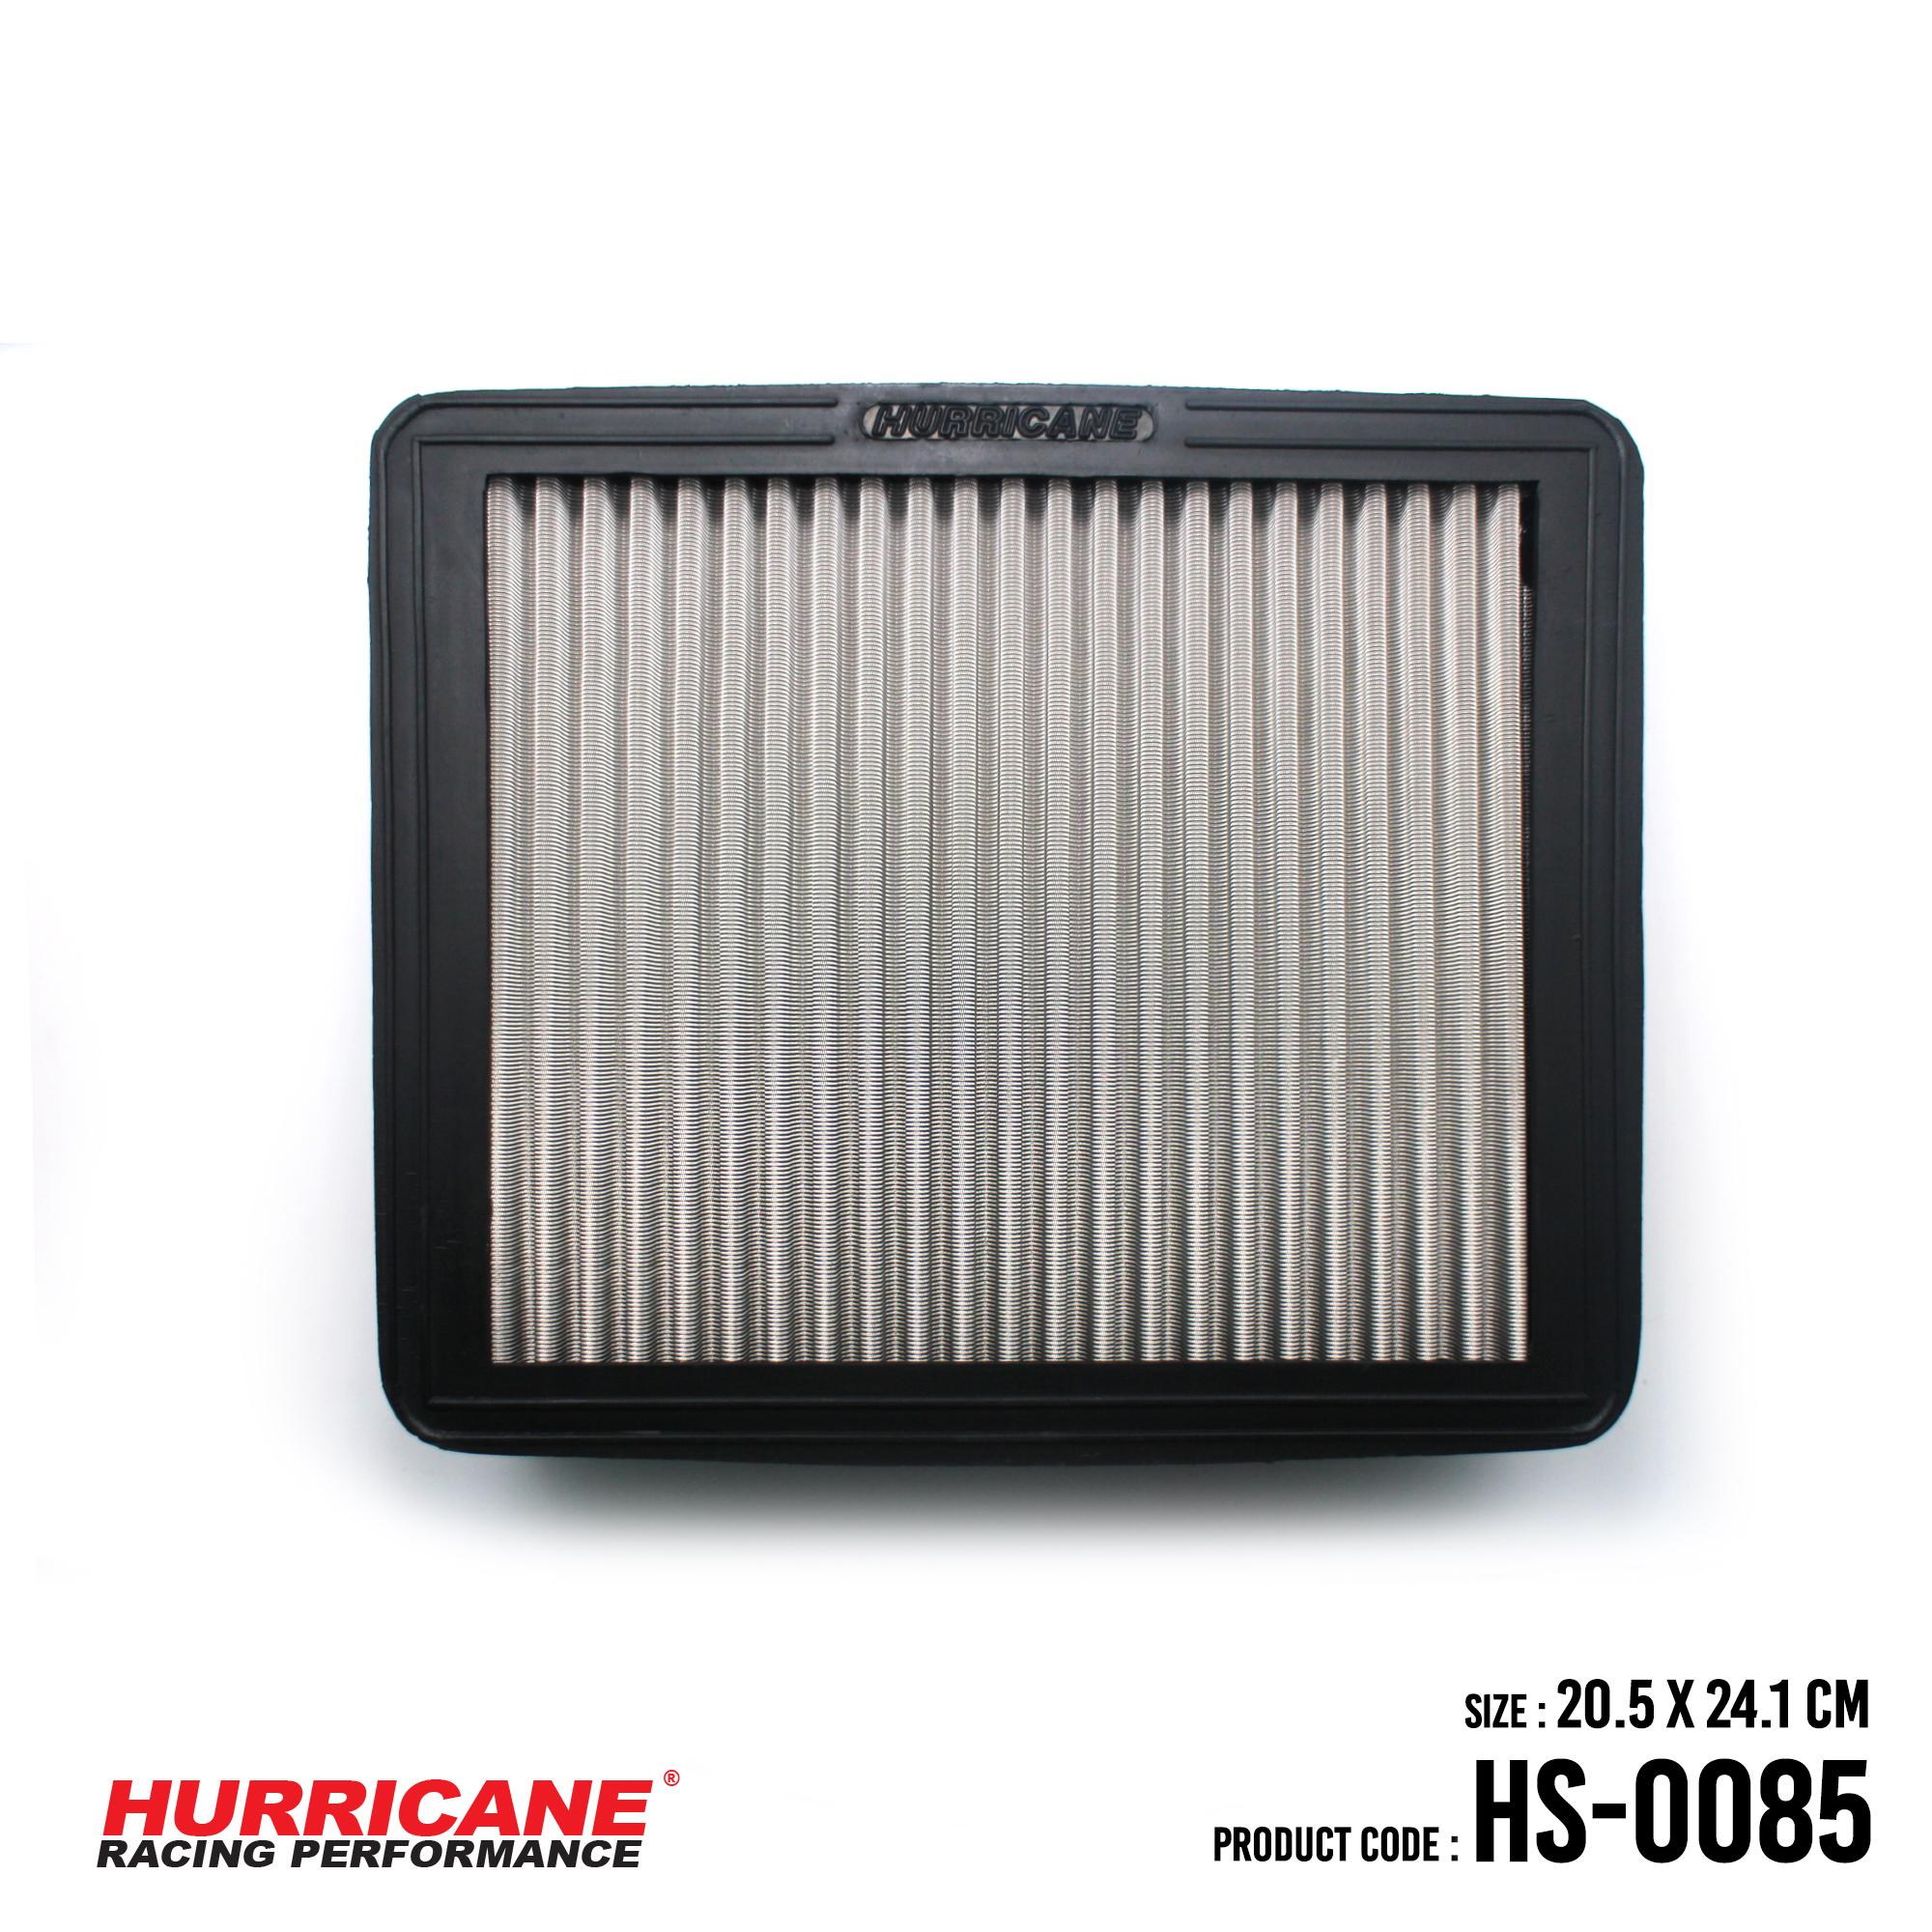 HURRICANE STAINLESS STEEL AIR FILTER FOR HS-0085 LexusToyota